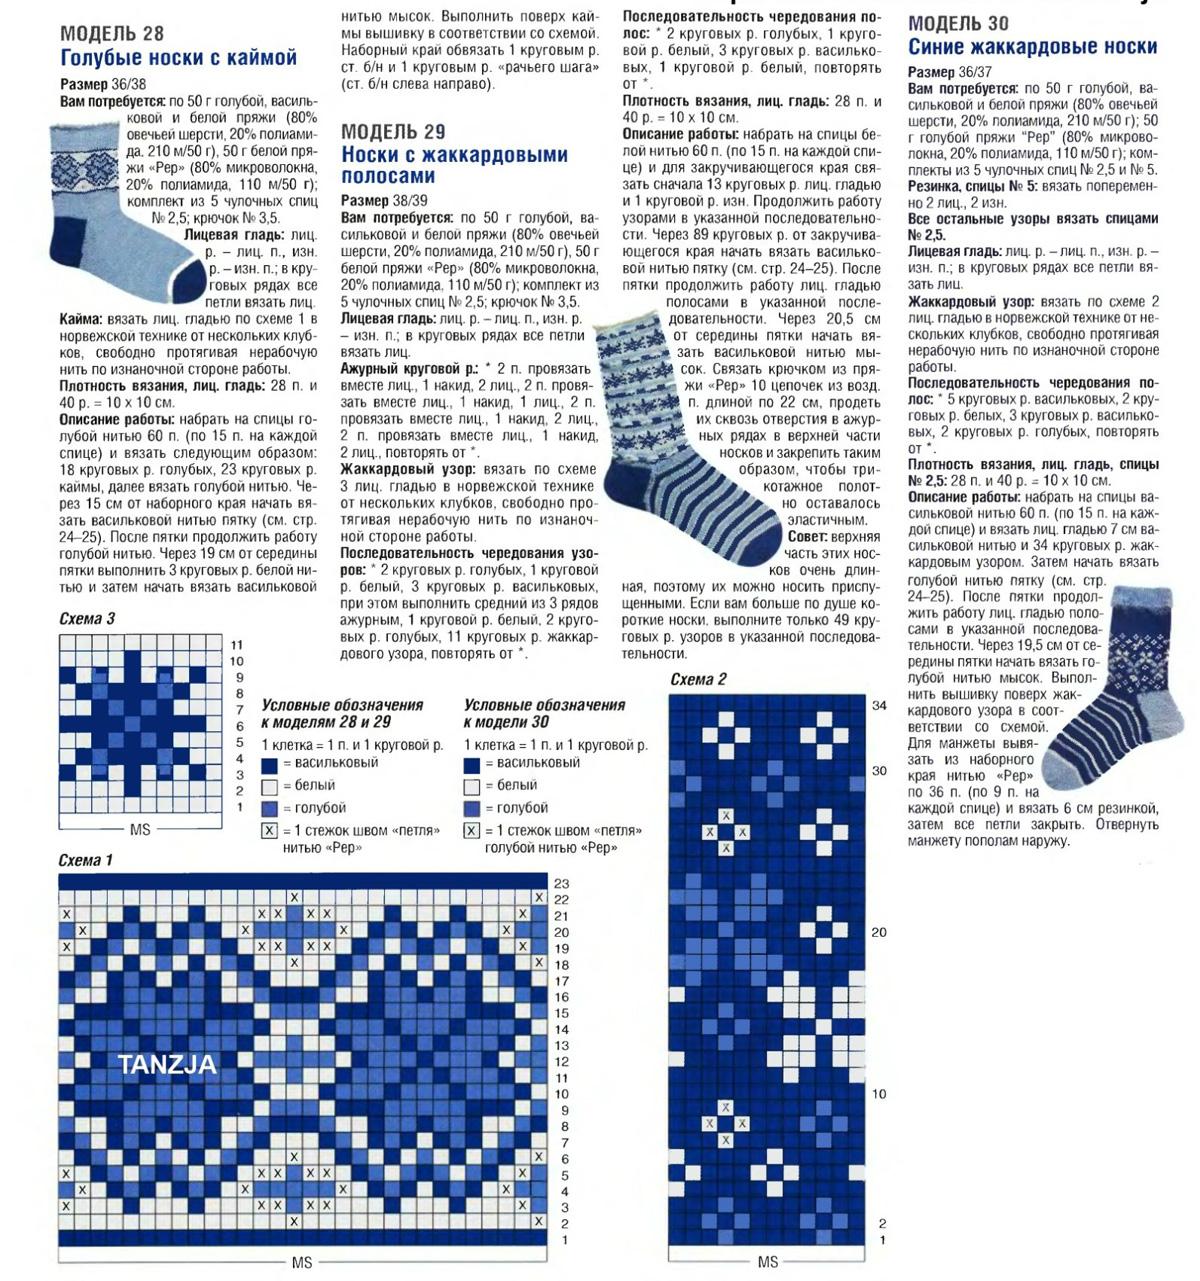 Красивые носки спицами с описанием фото схема